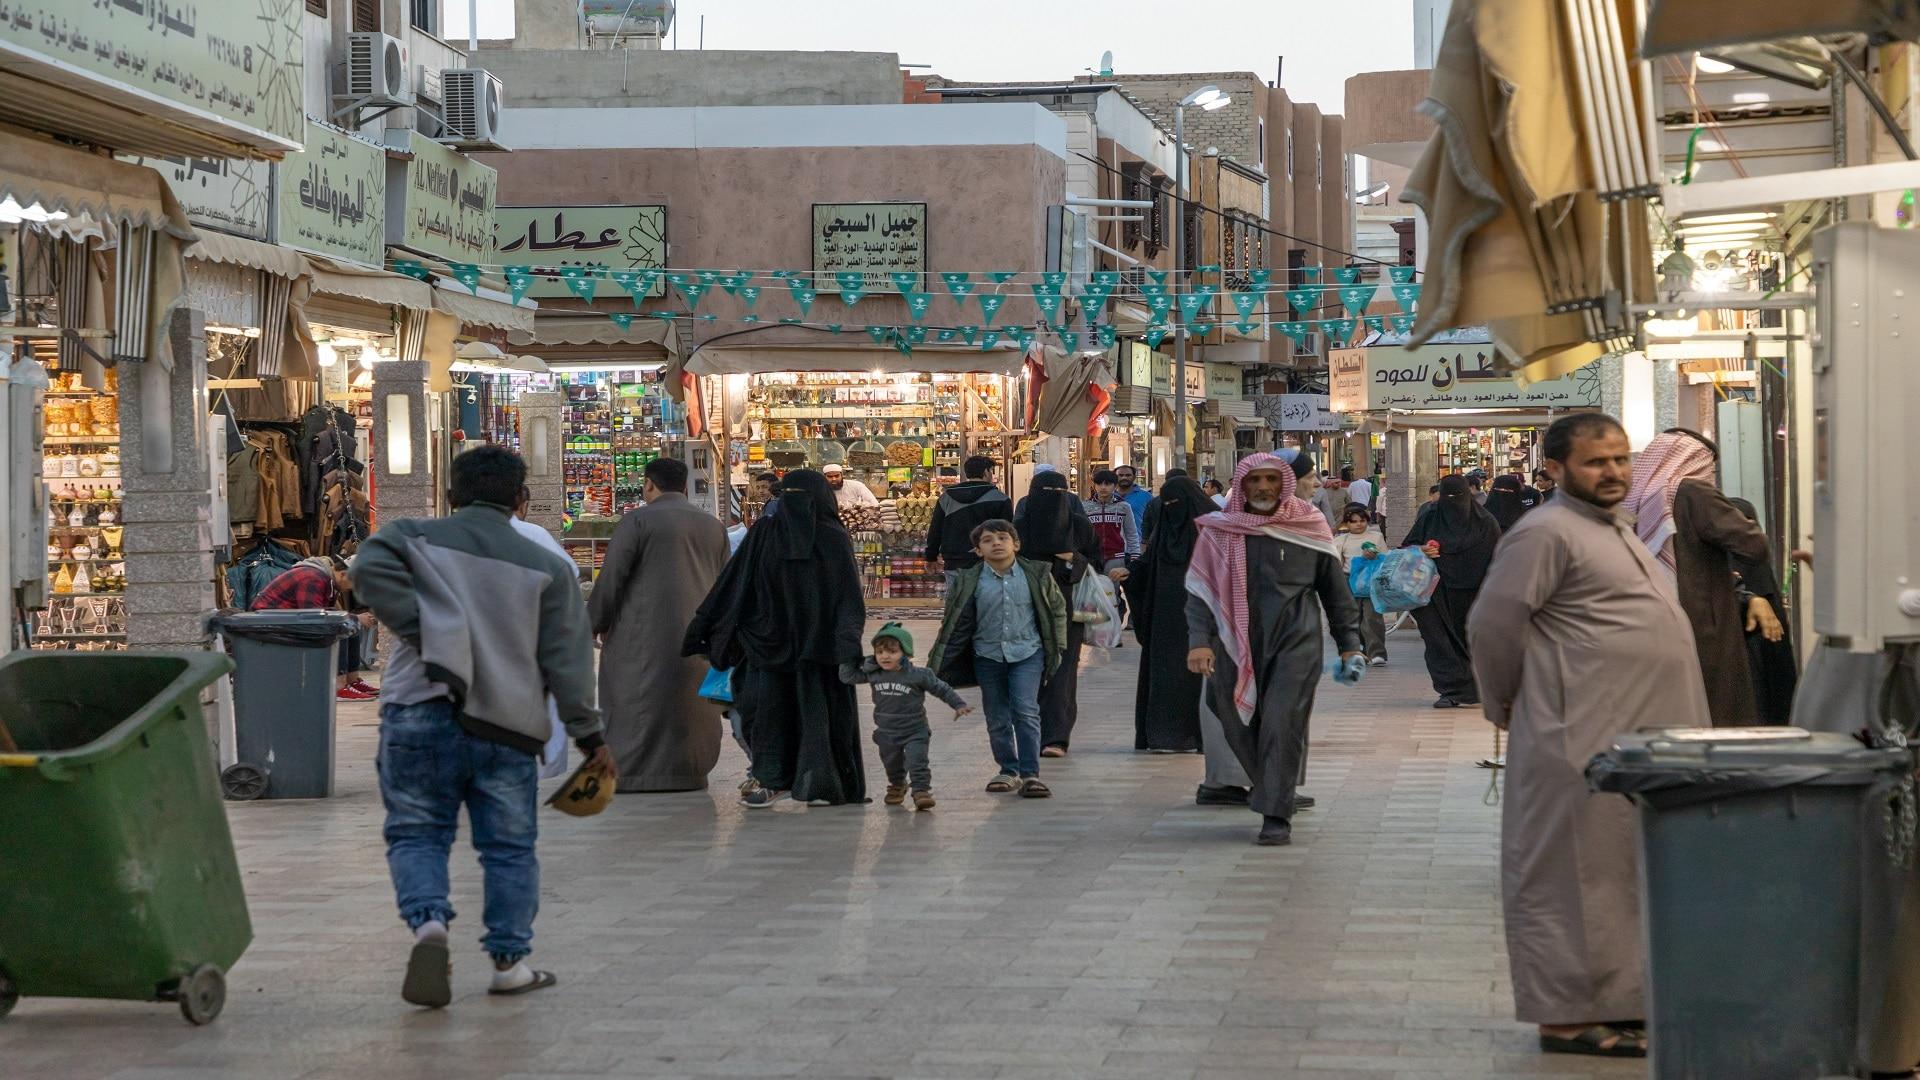 بعد خلاف الإمارات والسعودية.. حملة سعودية لمقاطعة بضائع جبل علي تلقى تفاعلاً واسعاً